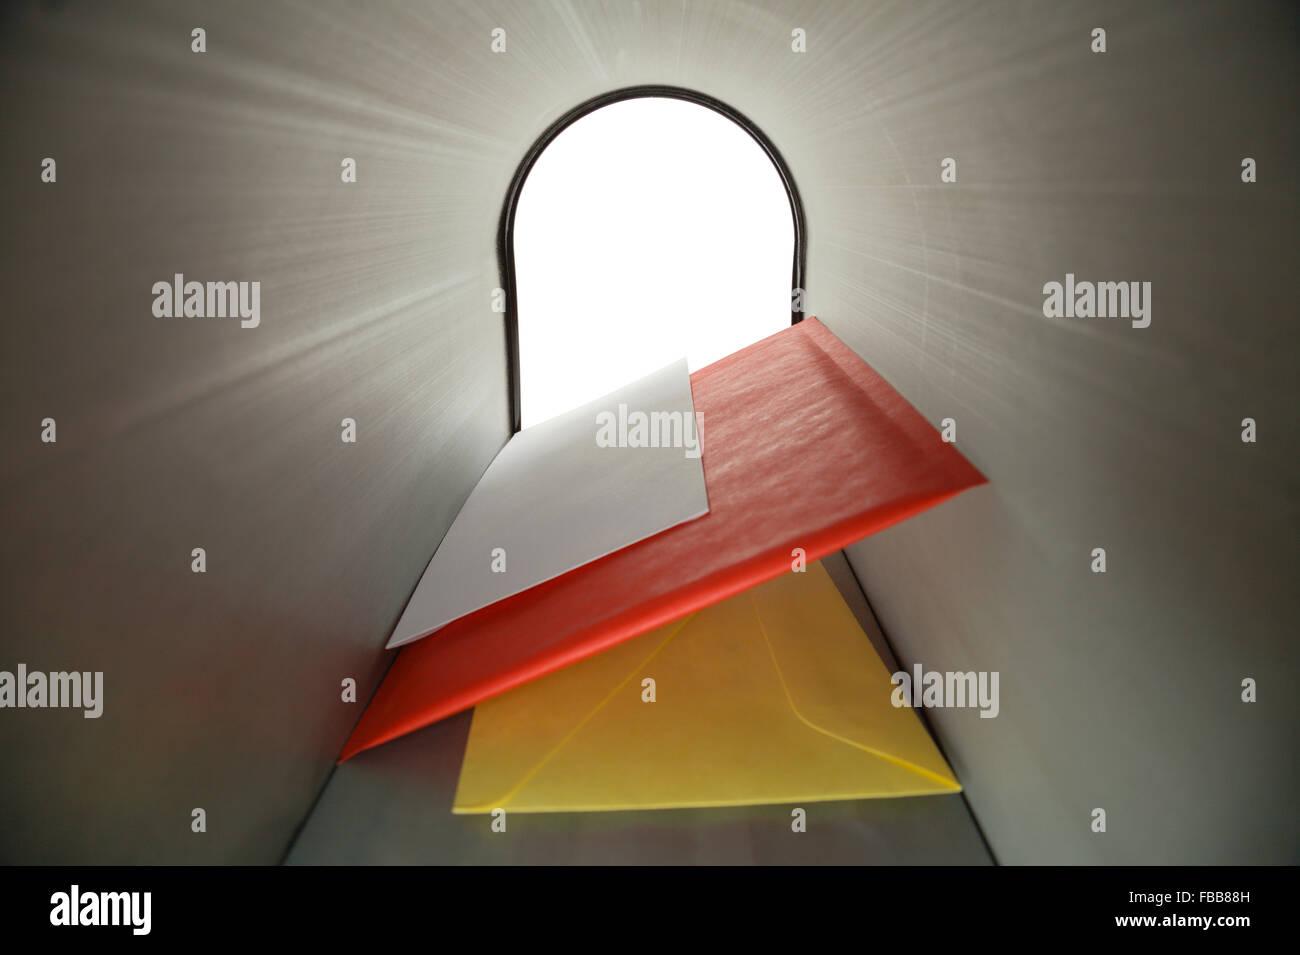 Tres cartas en blanco dentro del Buzón mirando hacia el exterior. Imagen De Stock